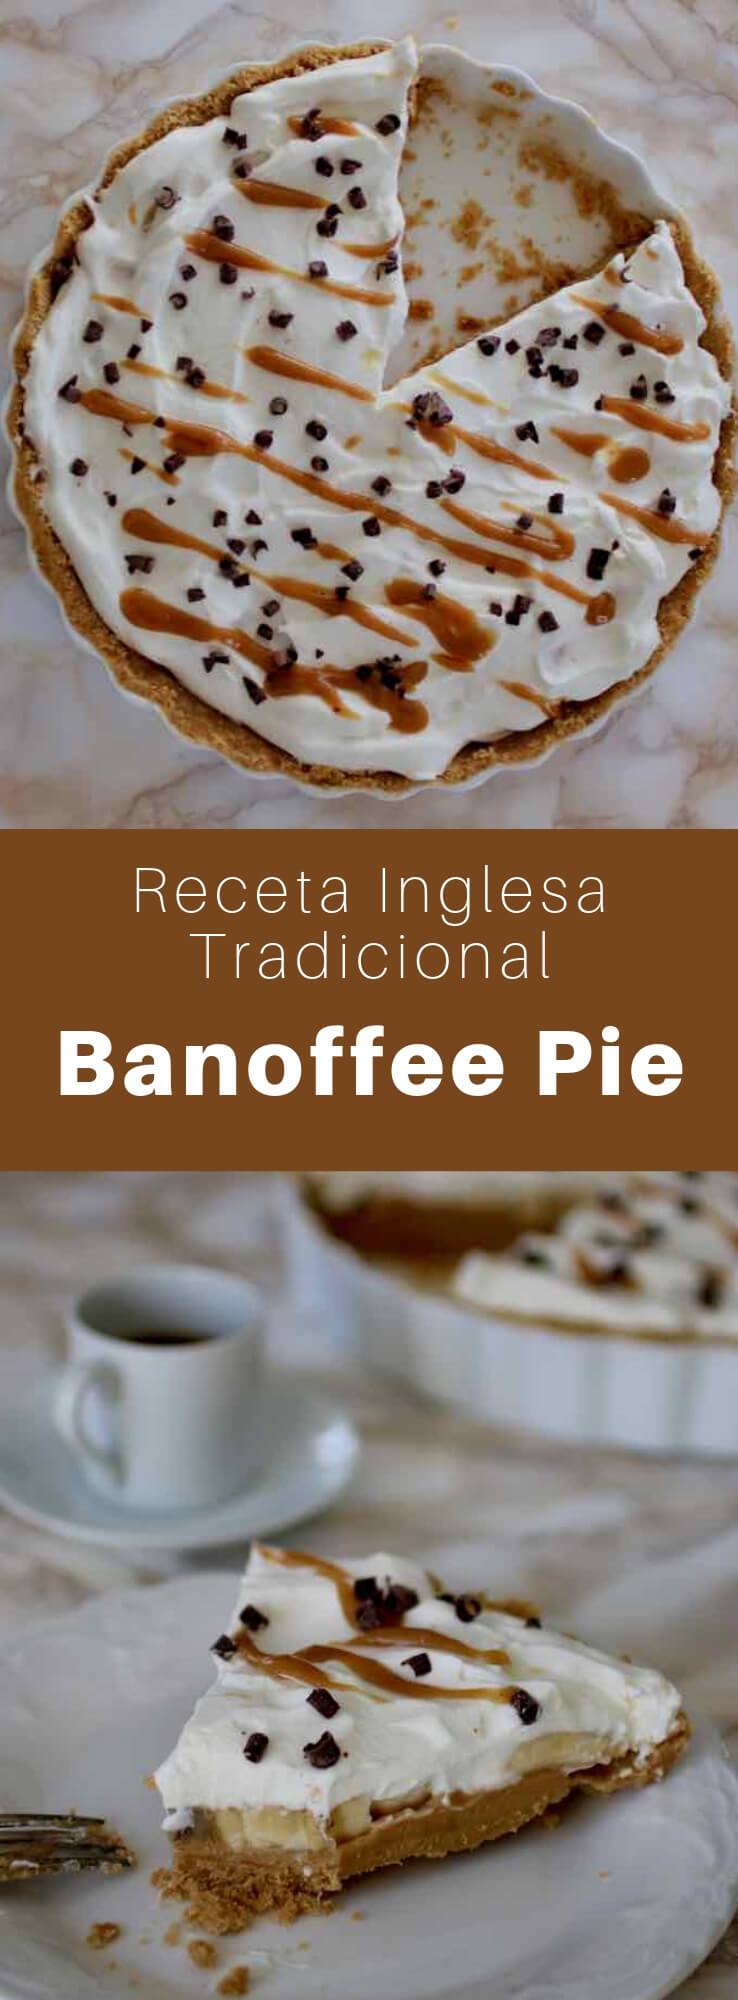 La tarta banoffee es un postre tradicional británico que se prepara con plátano, crema y tofi, sobre una masa de galletas trituradas y mantequilla.